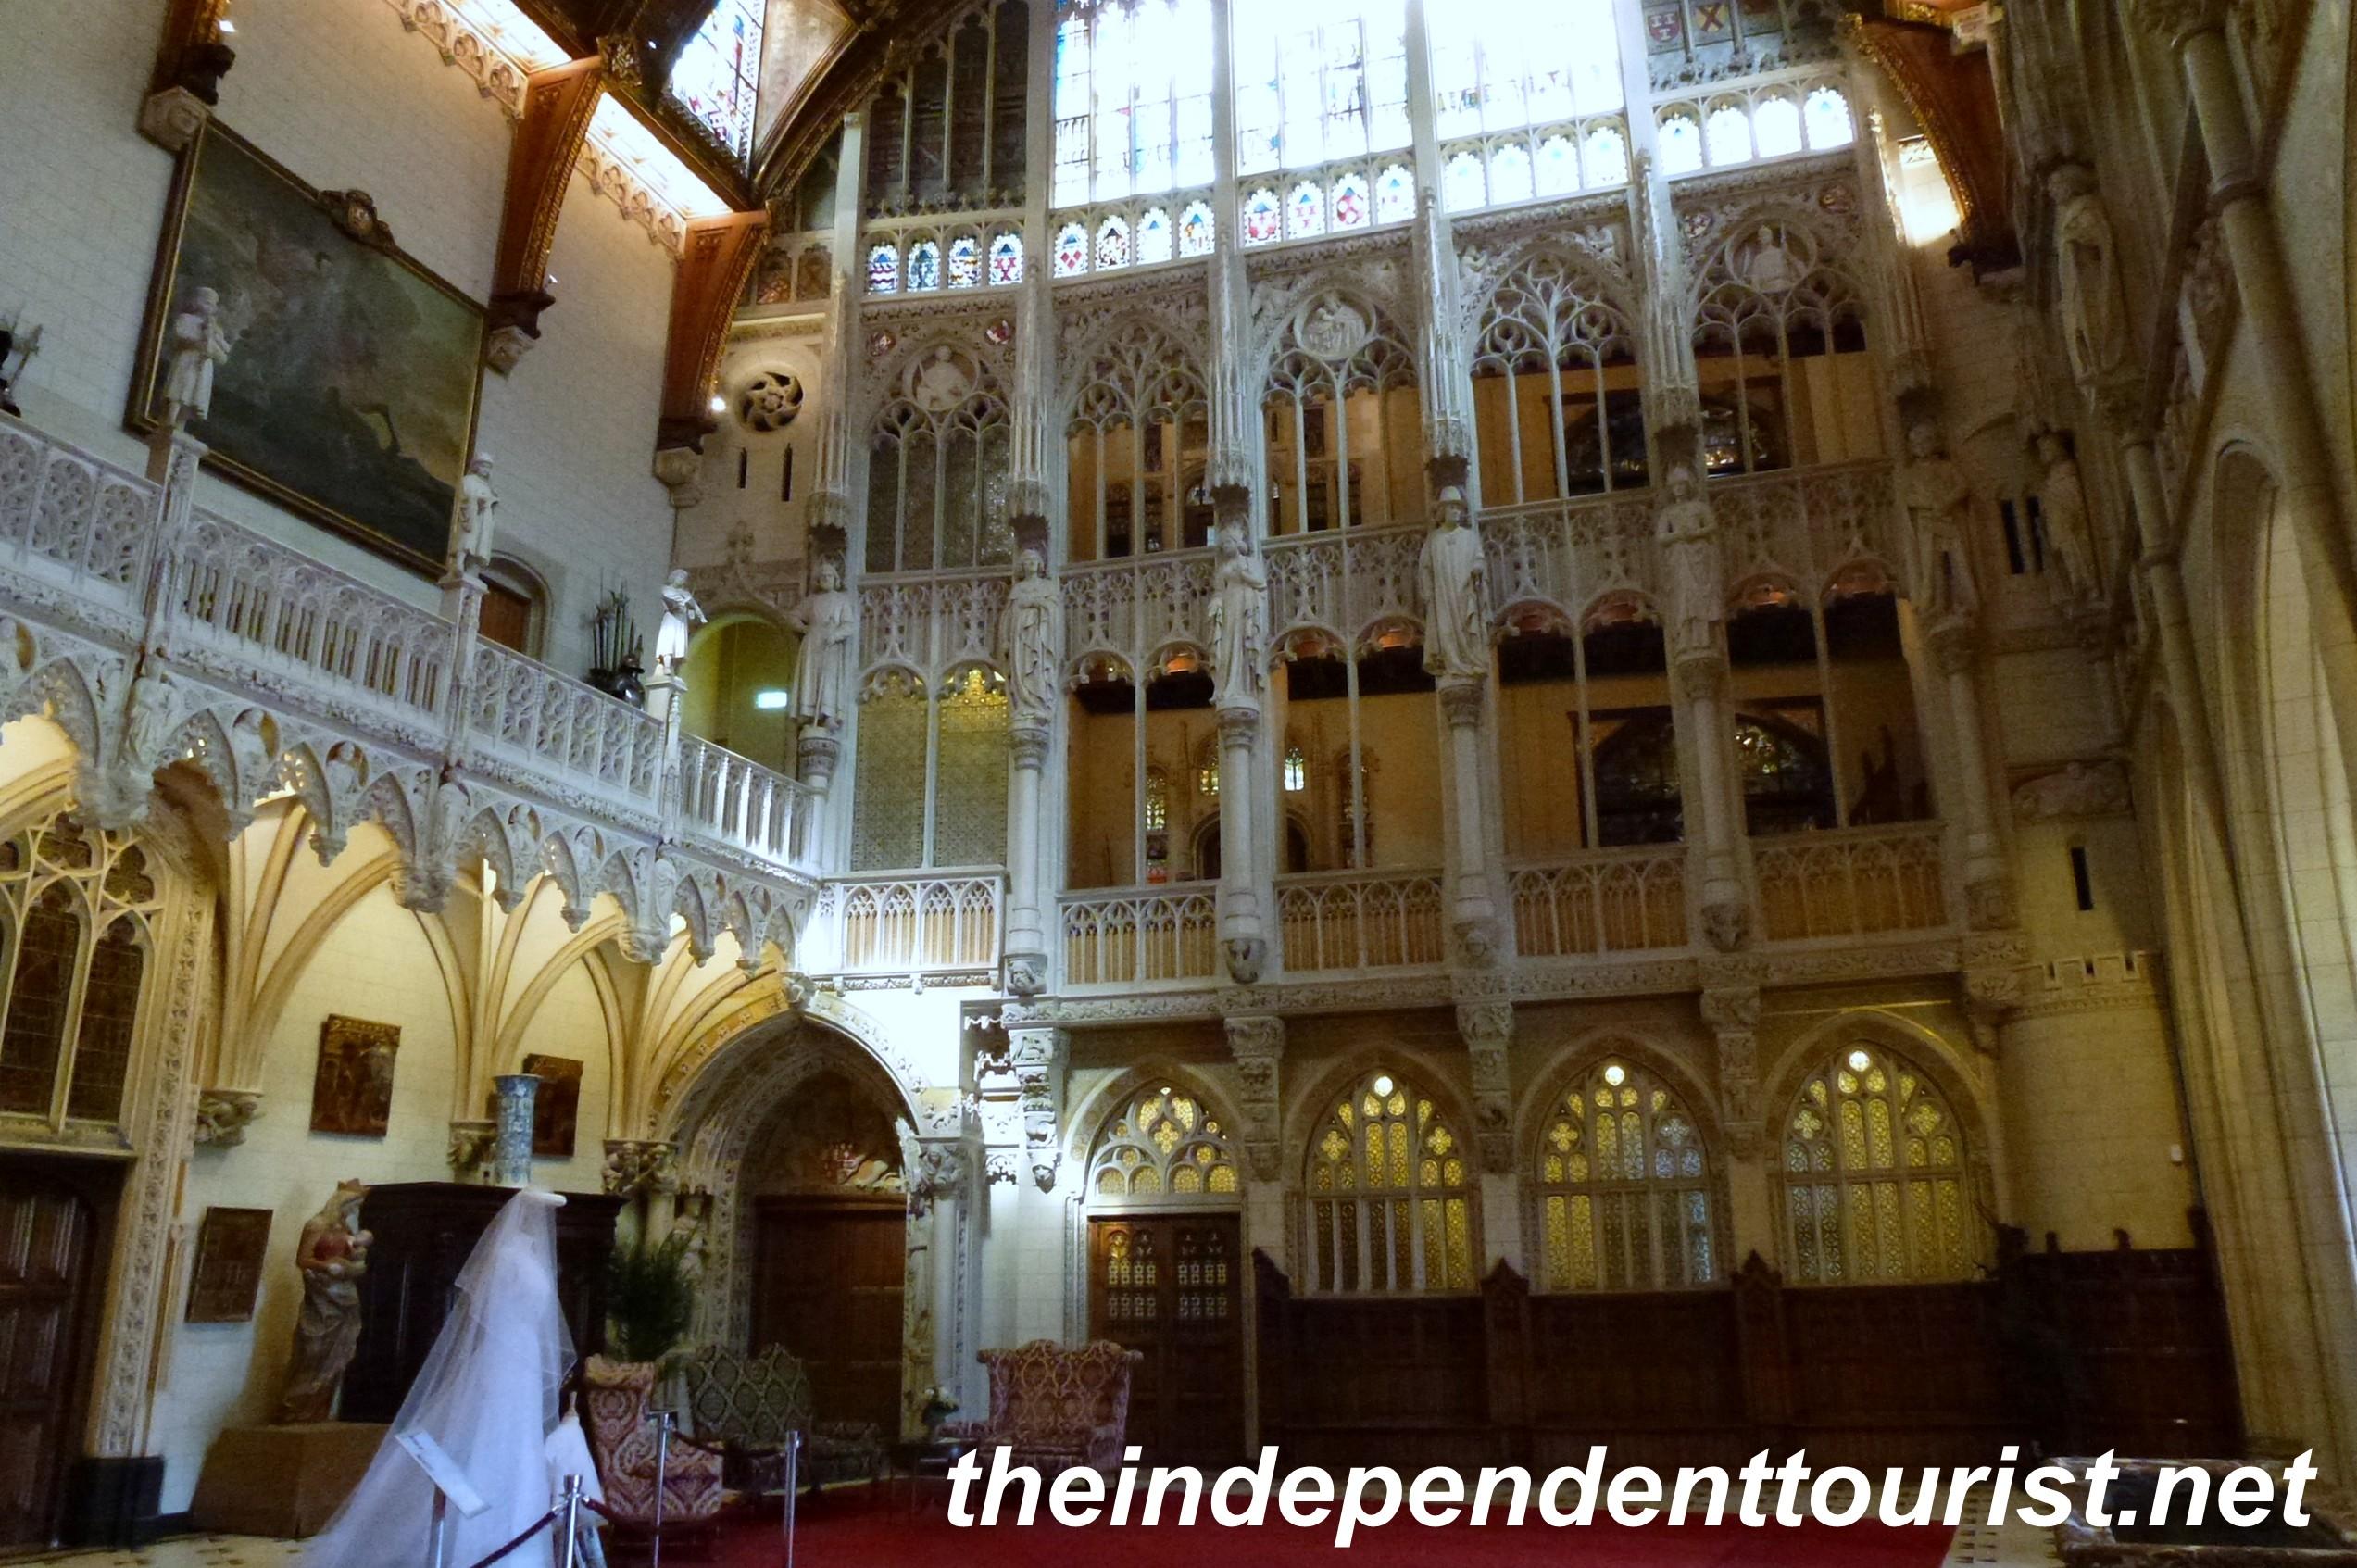 Kasteel de haar one of the best castles of europe the for Interieur utrecht